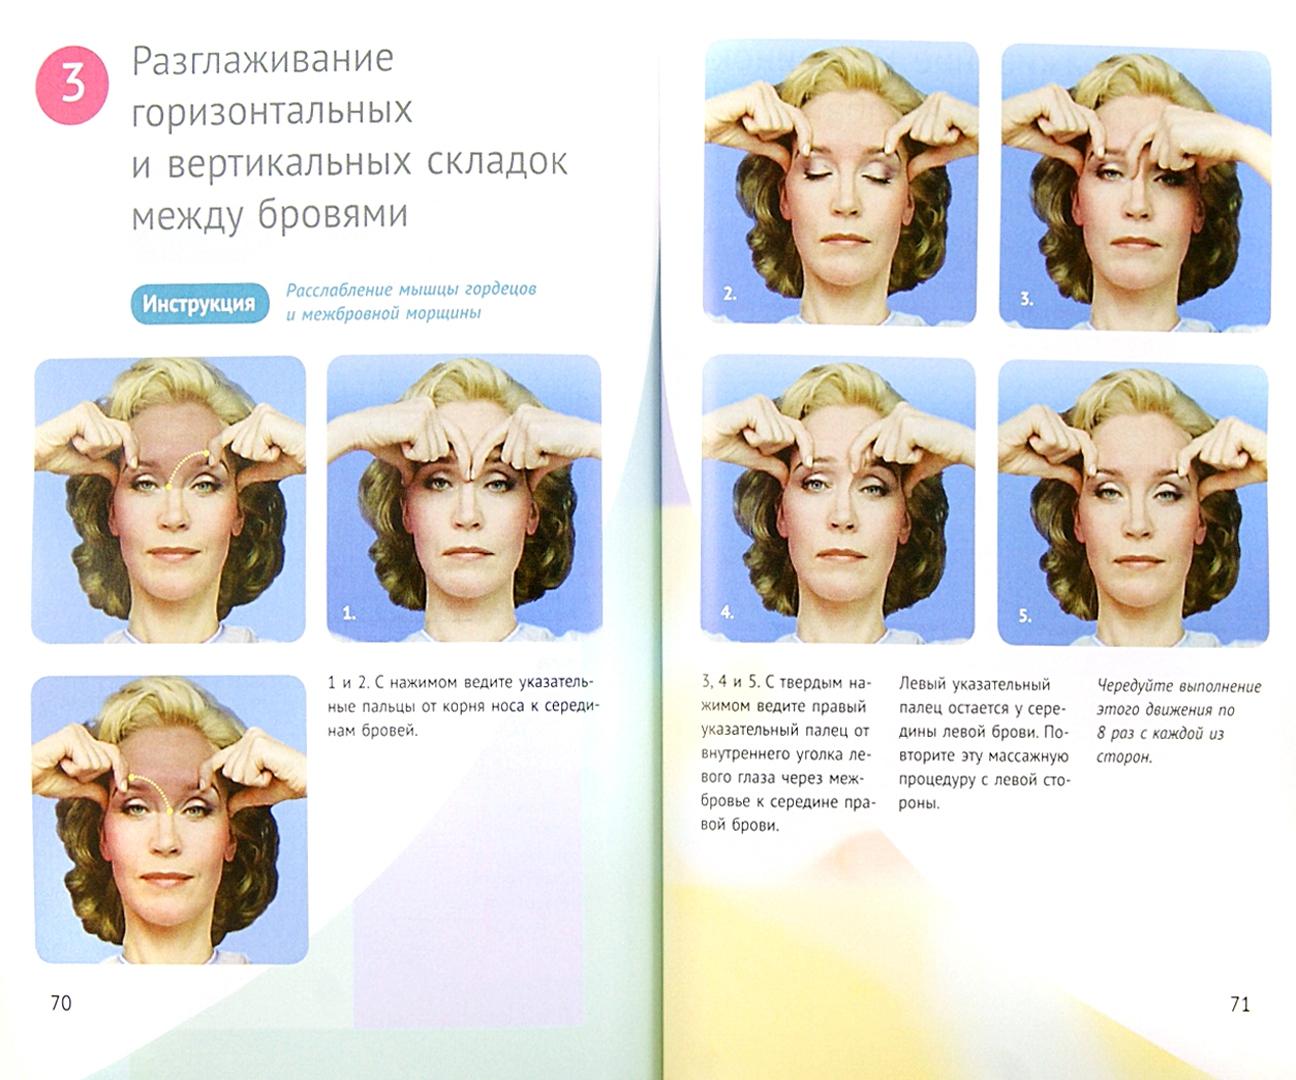 Гимнастика для лица галины дубининой: полный комплекс упражнений